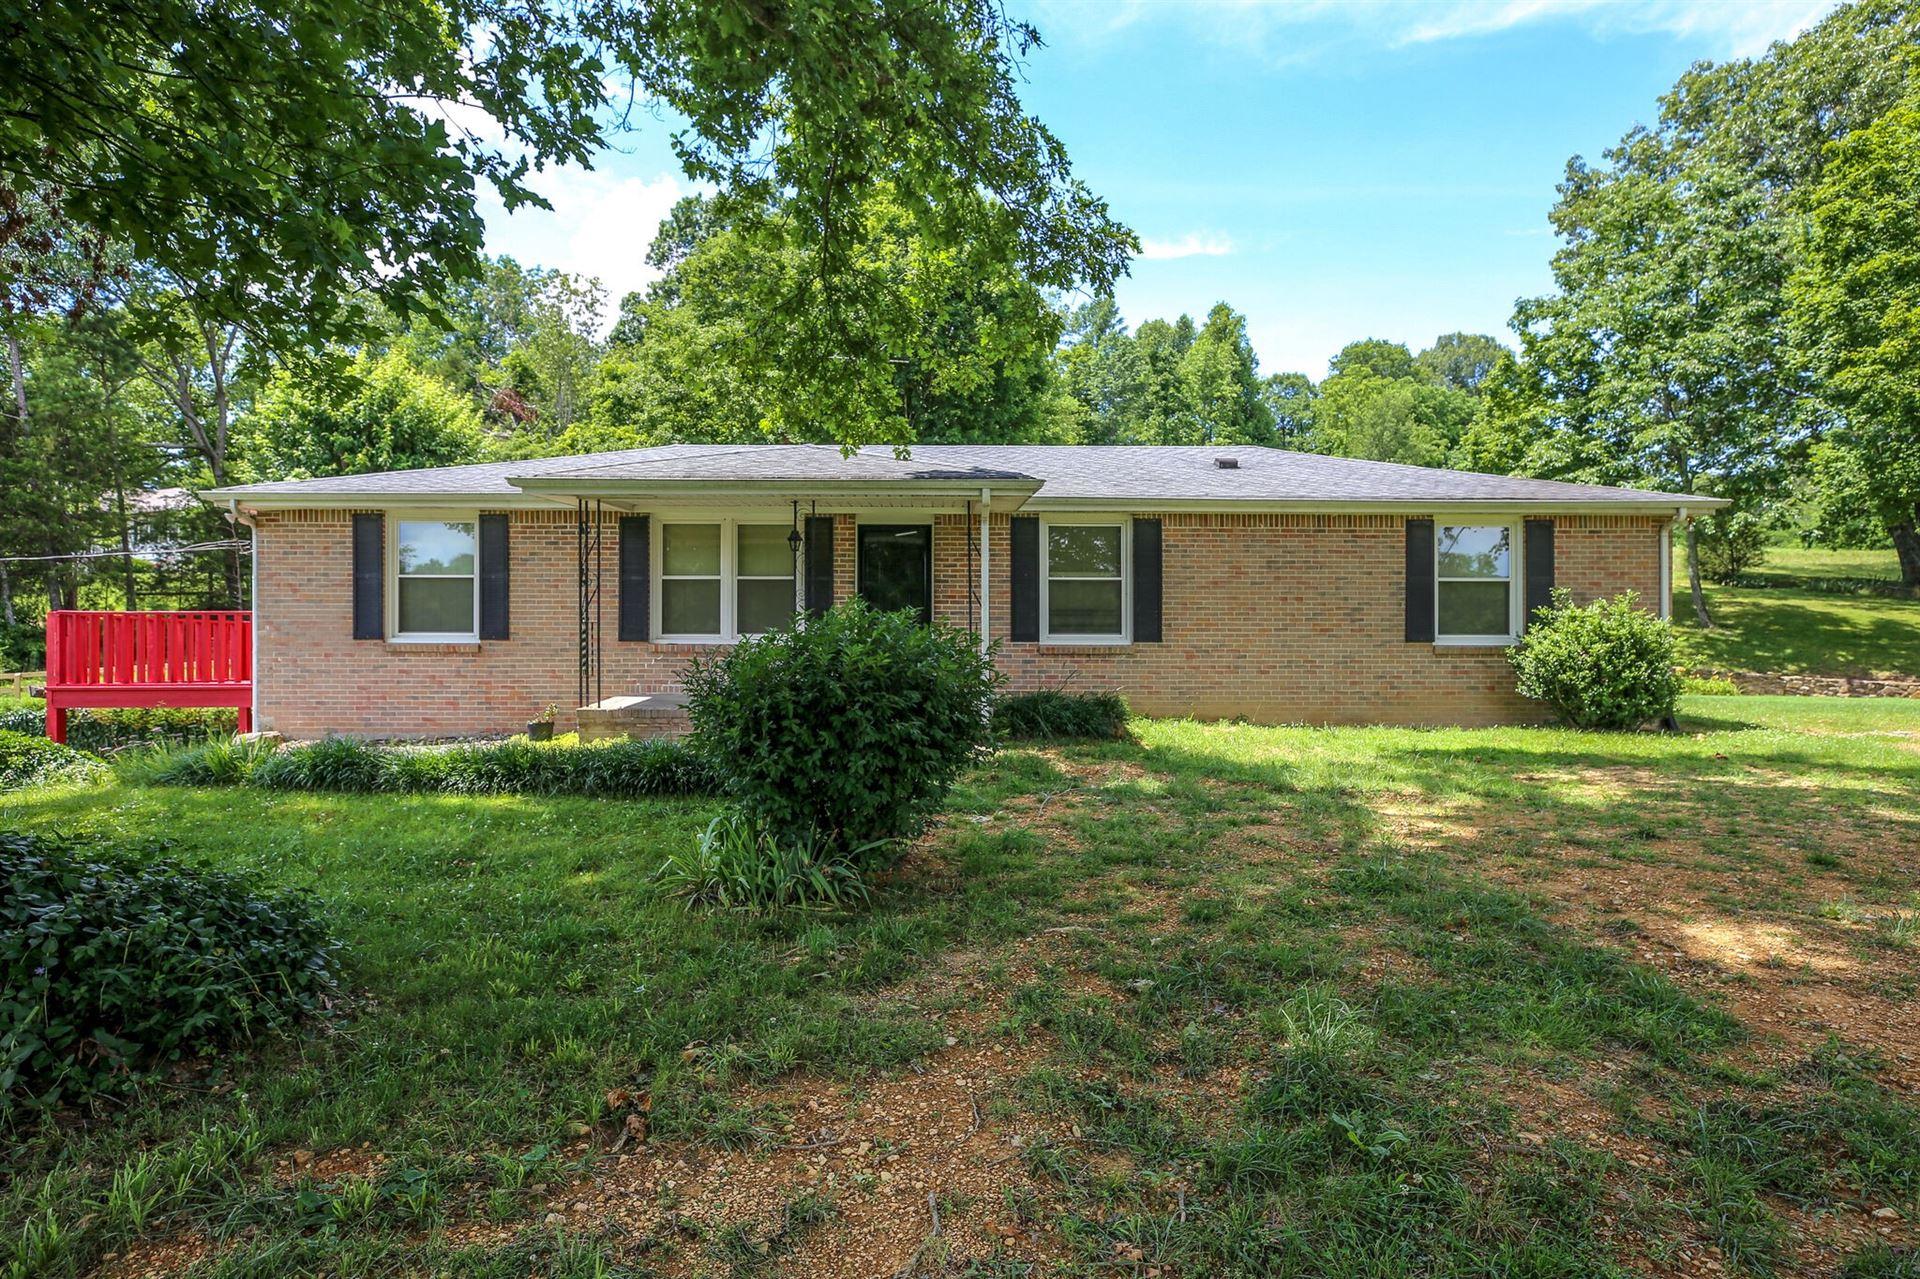 5716 Davis Hollow Rd, Franklin, TN 37064 - MLS#: 2163430